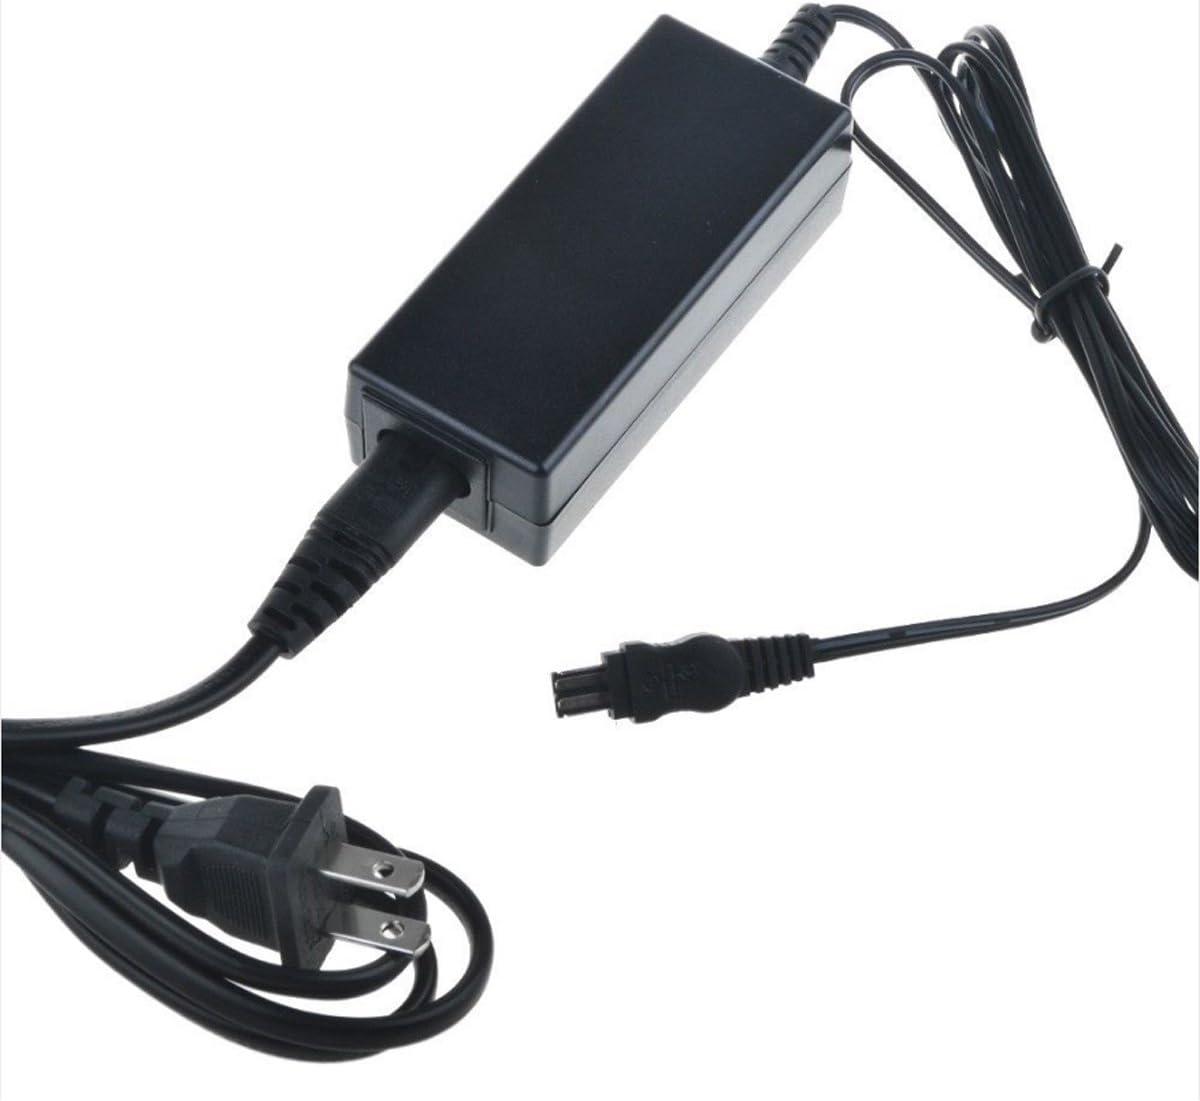 Cargador adaptador de alimentación de CA para SONY DCR-PC101 PC105 PC110 PC115 PC120 PC330 MiniDV